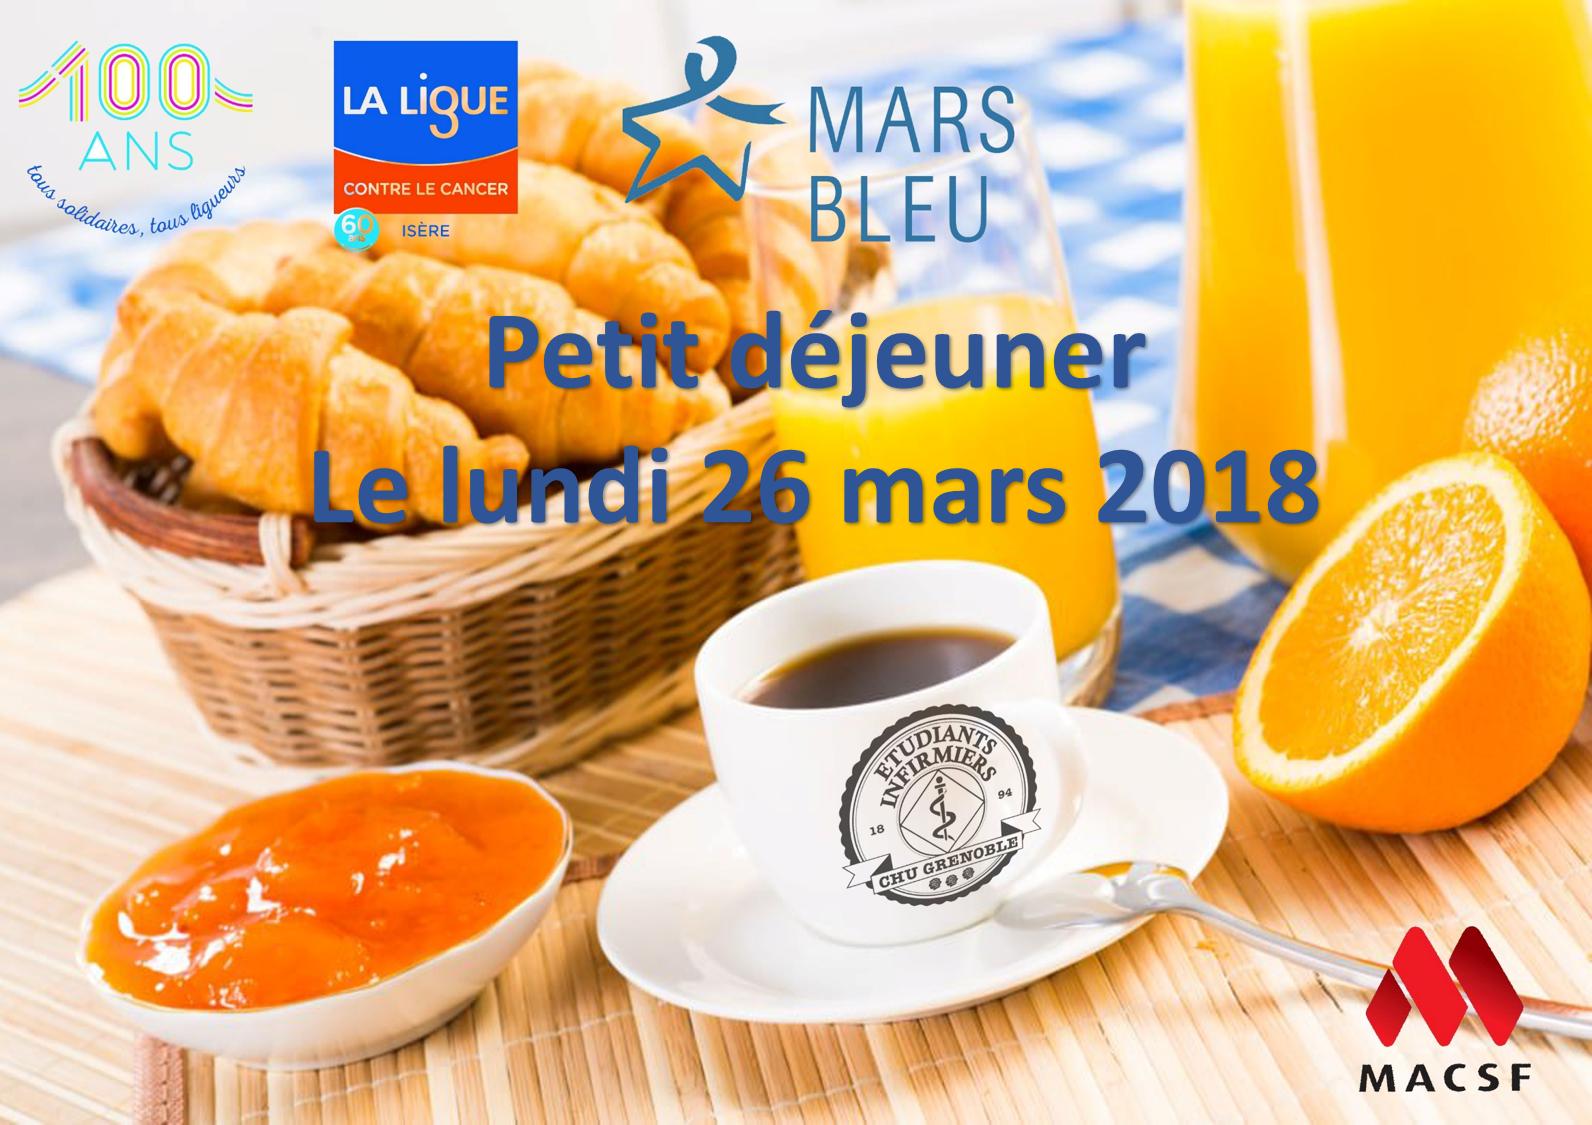 Mars Bleu 2018 ADESI